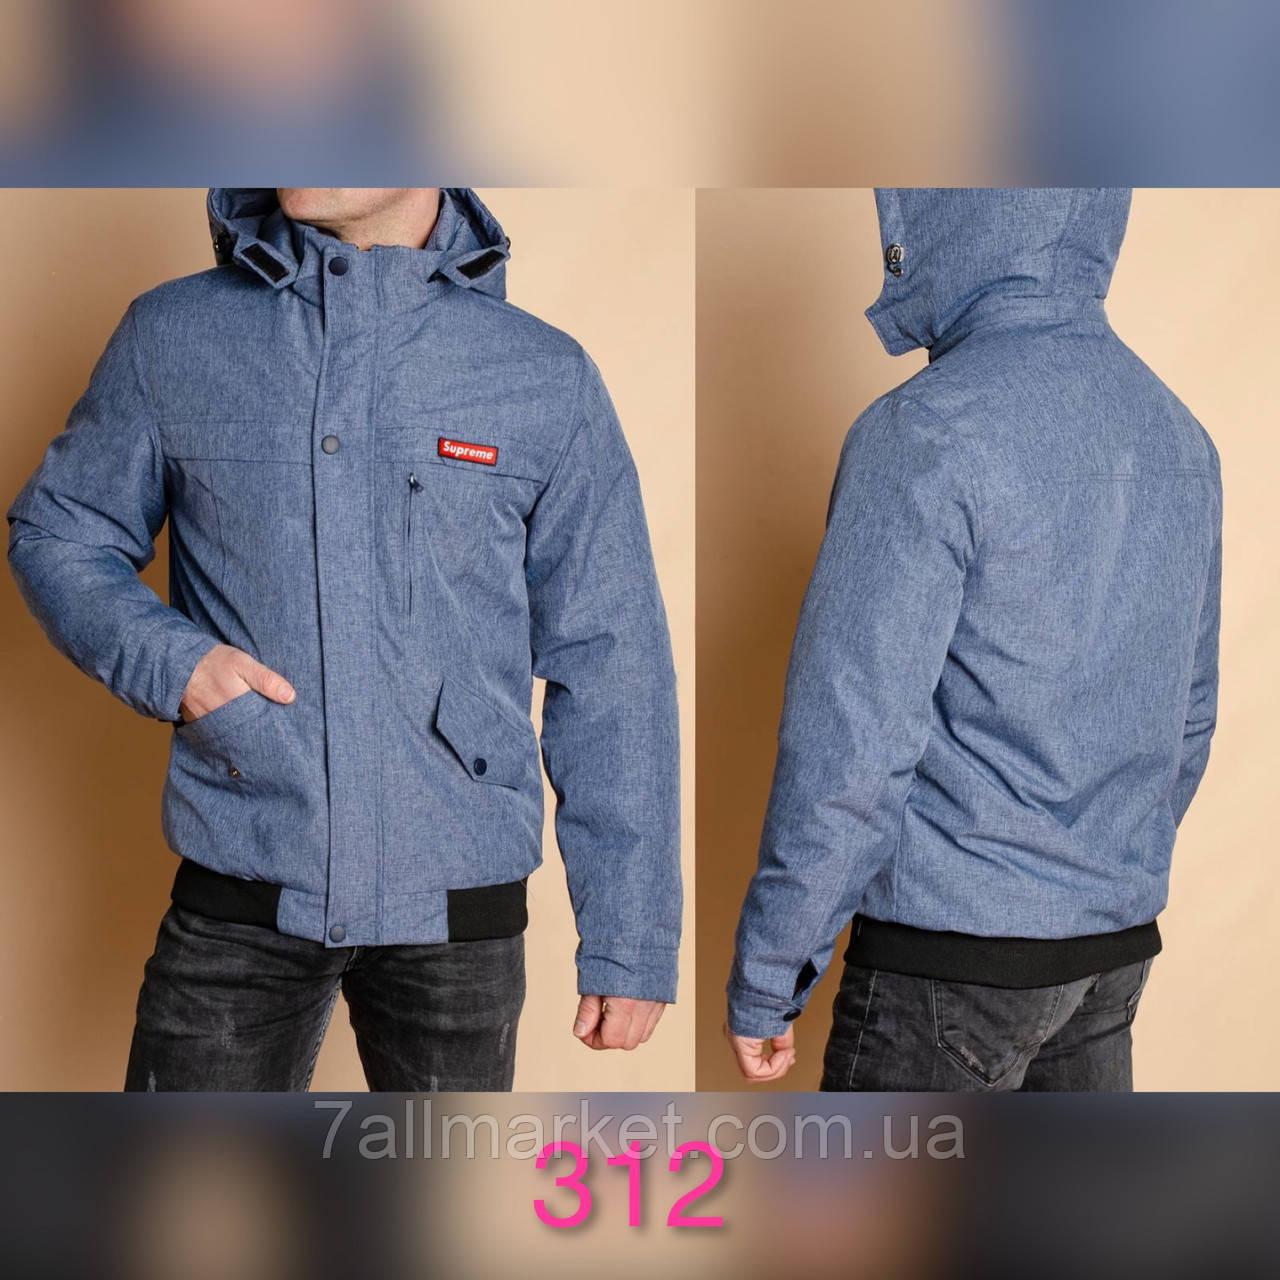 """Куртка чоловіча демісезонна CUPREME, розміри 48-56 (3ол) """"SPRING"""" недорого від прямого постачальника"""